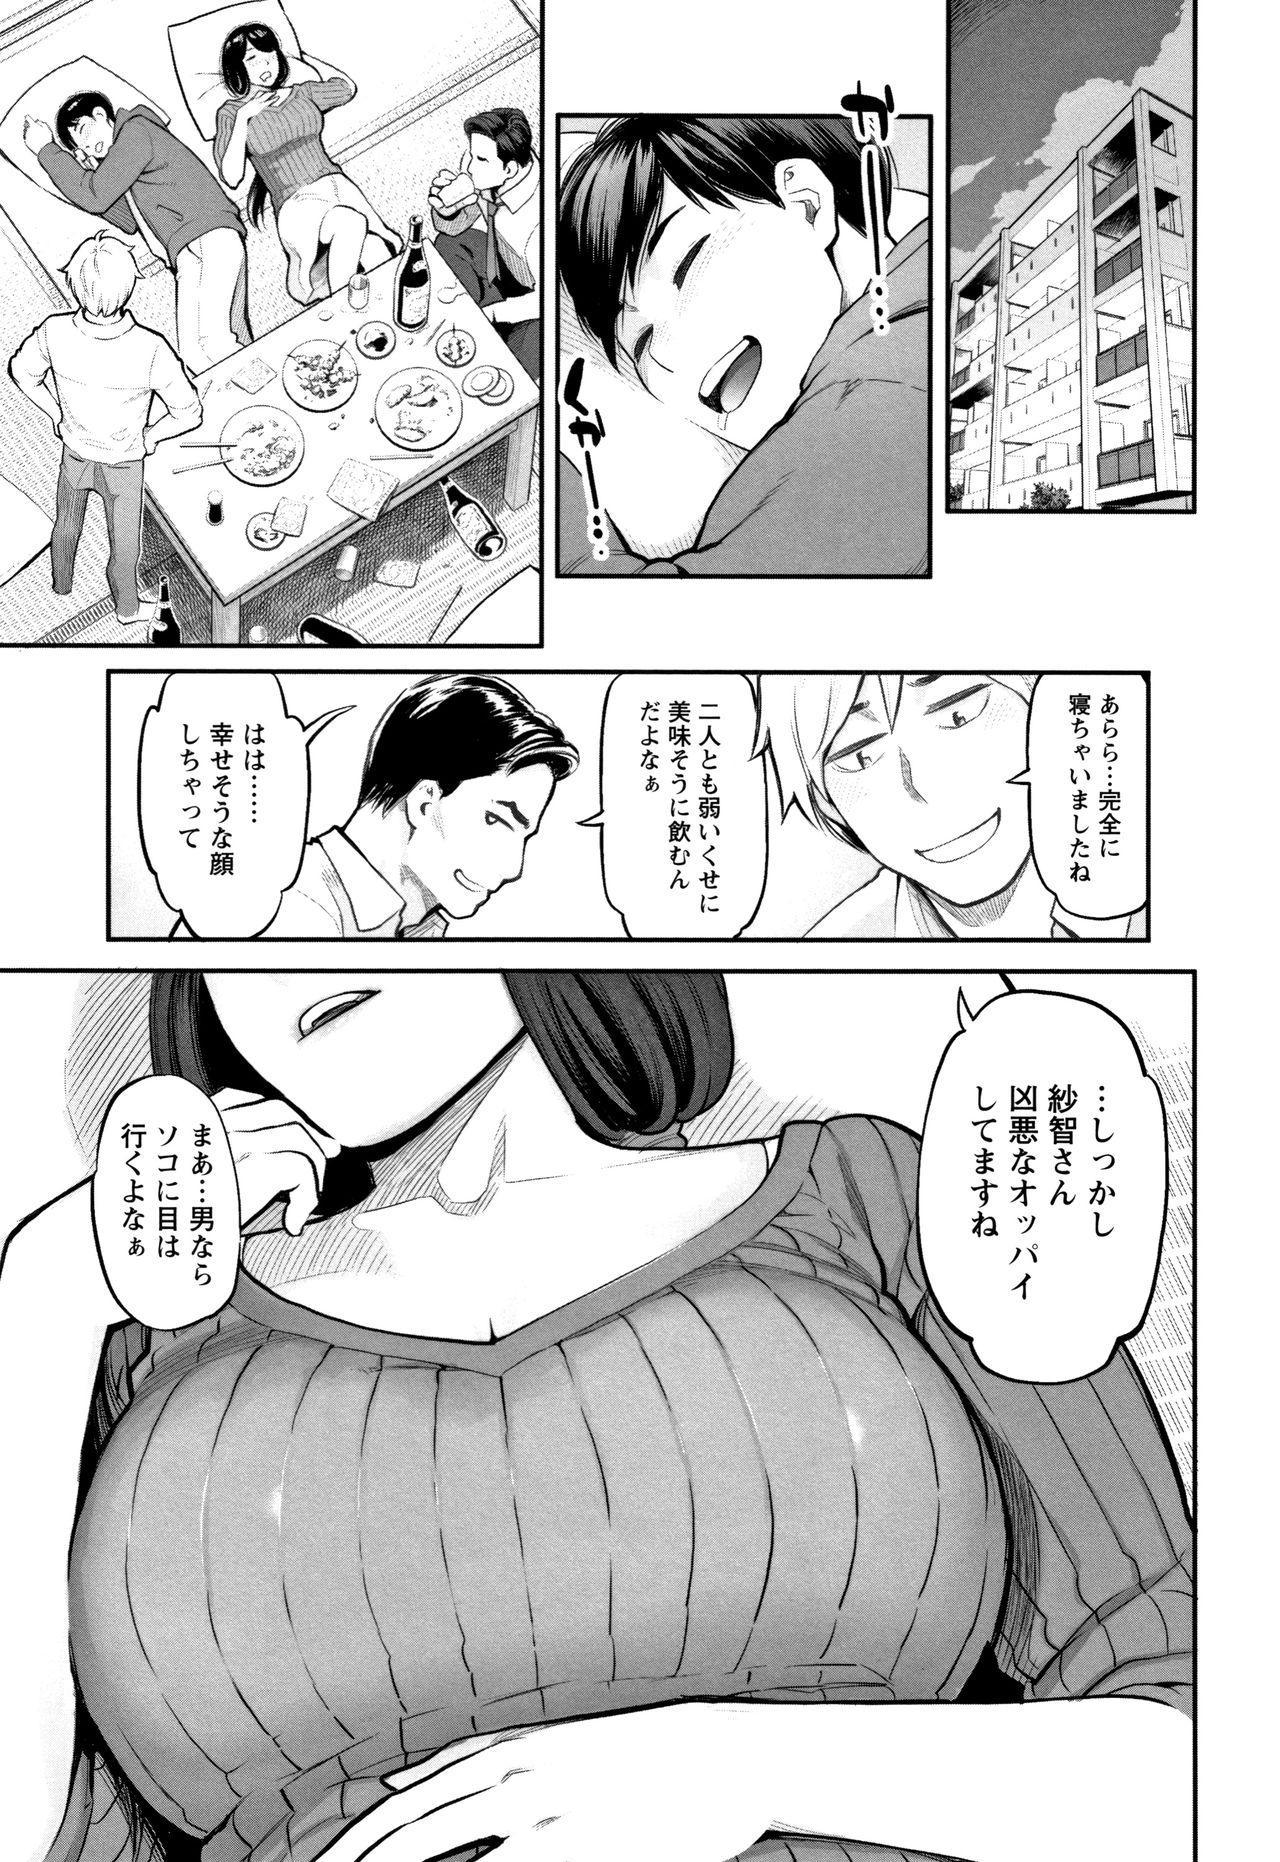 Toketa Risei wa Biyaku no Kaori 177